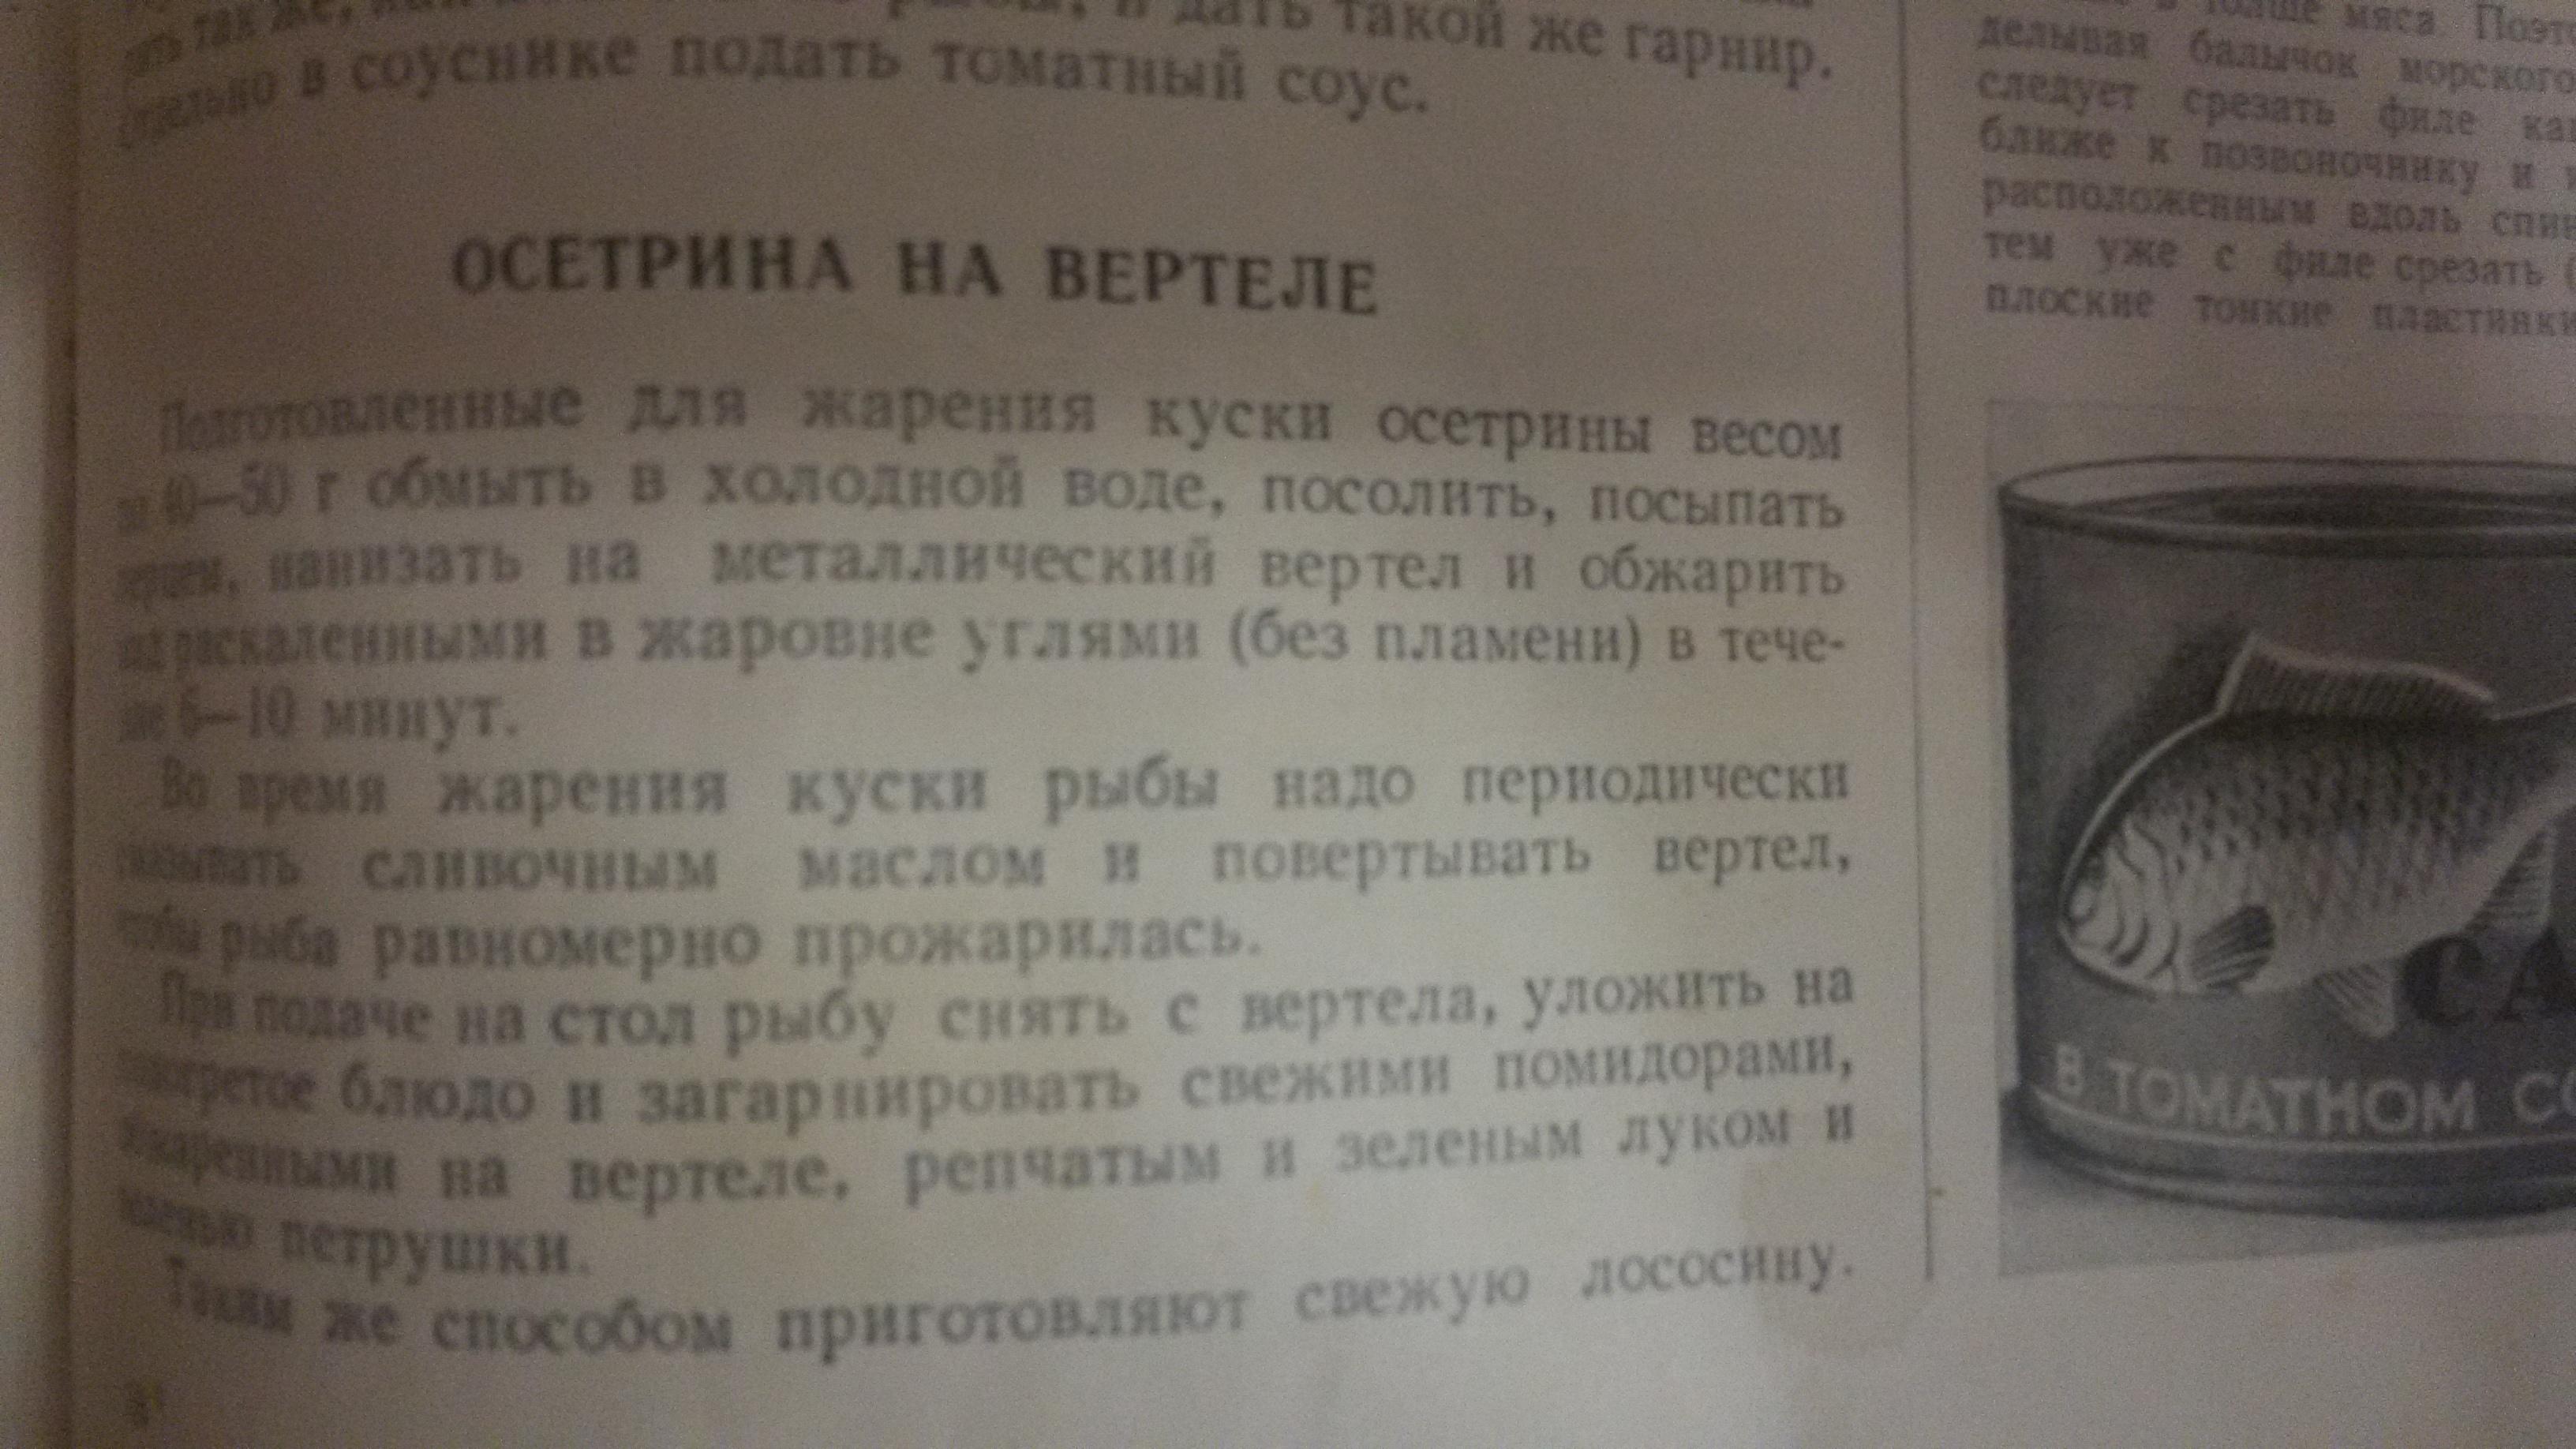 http://s2.uploads.ru/e2iMD.jpg